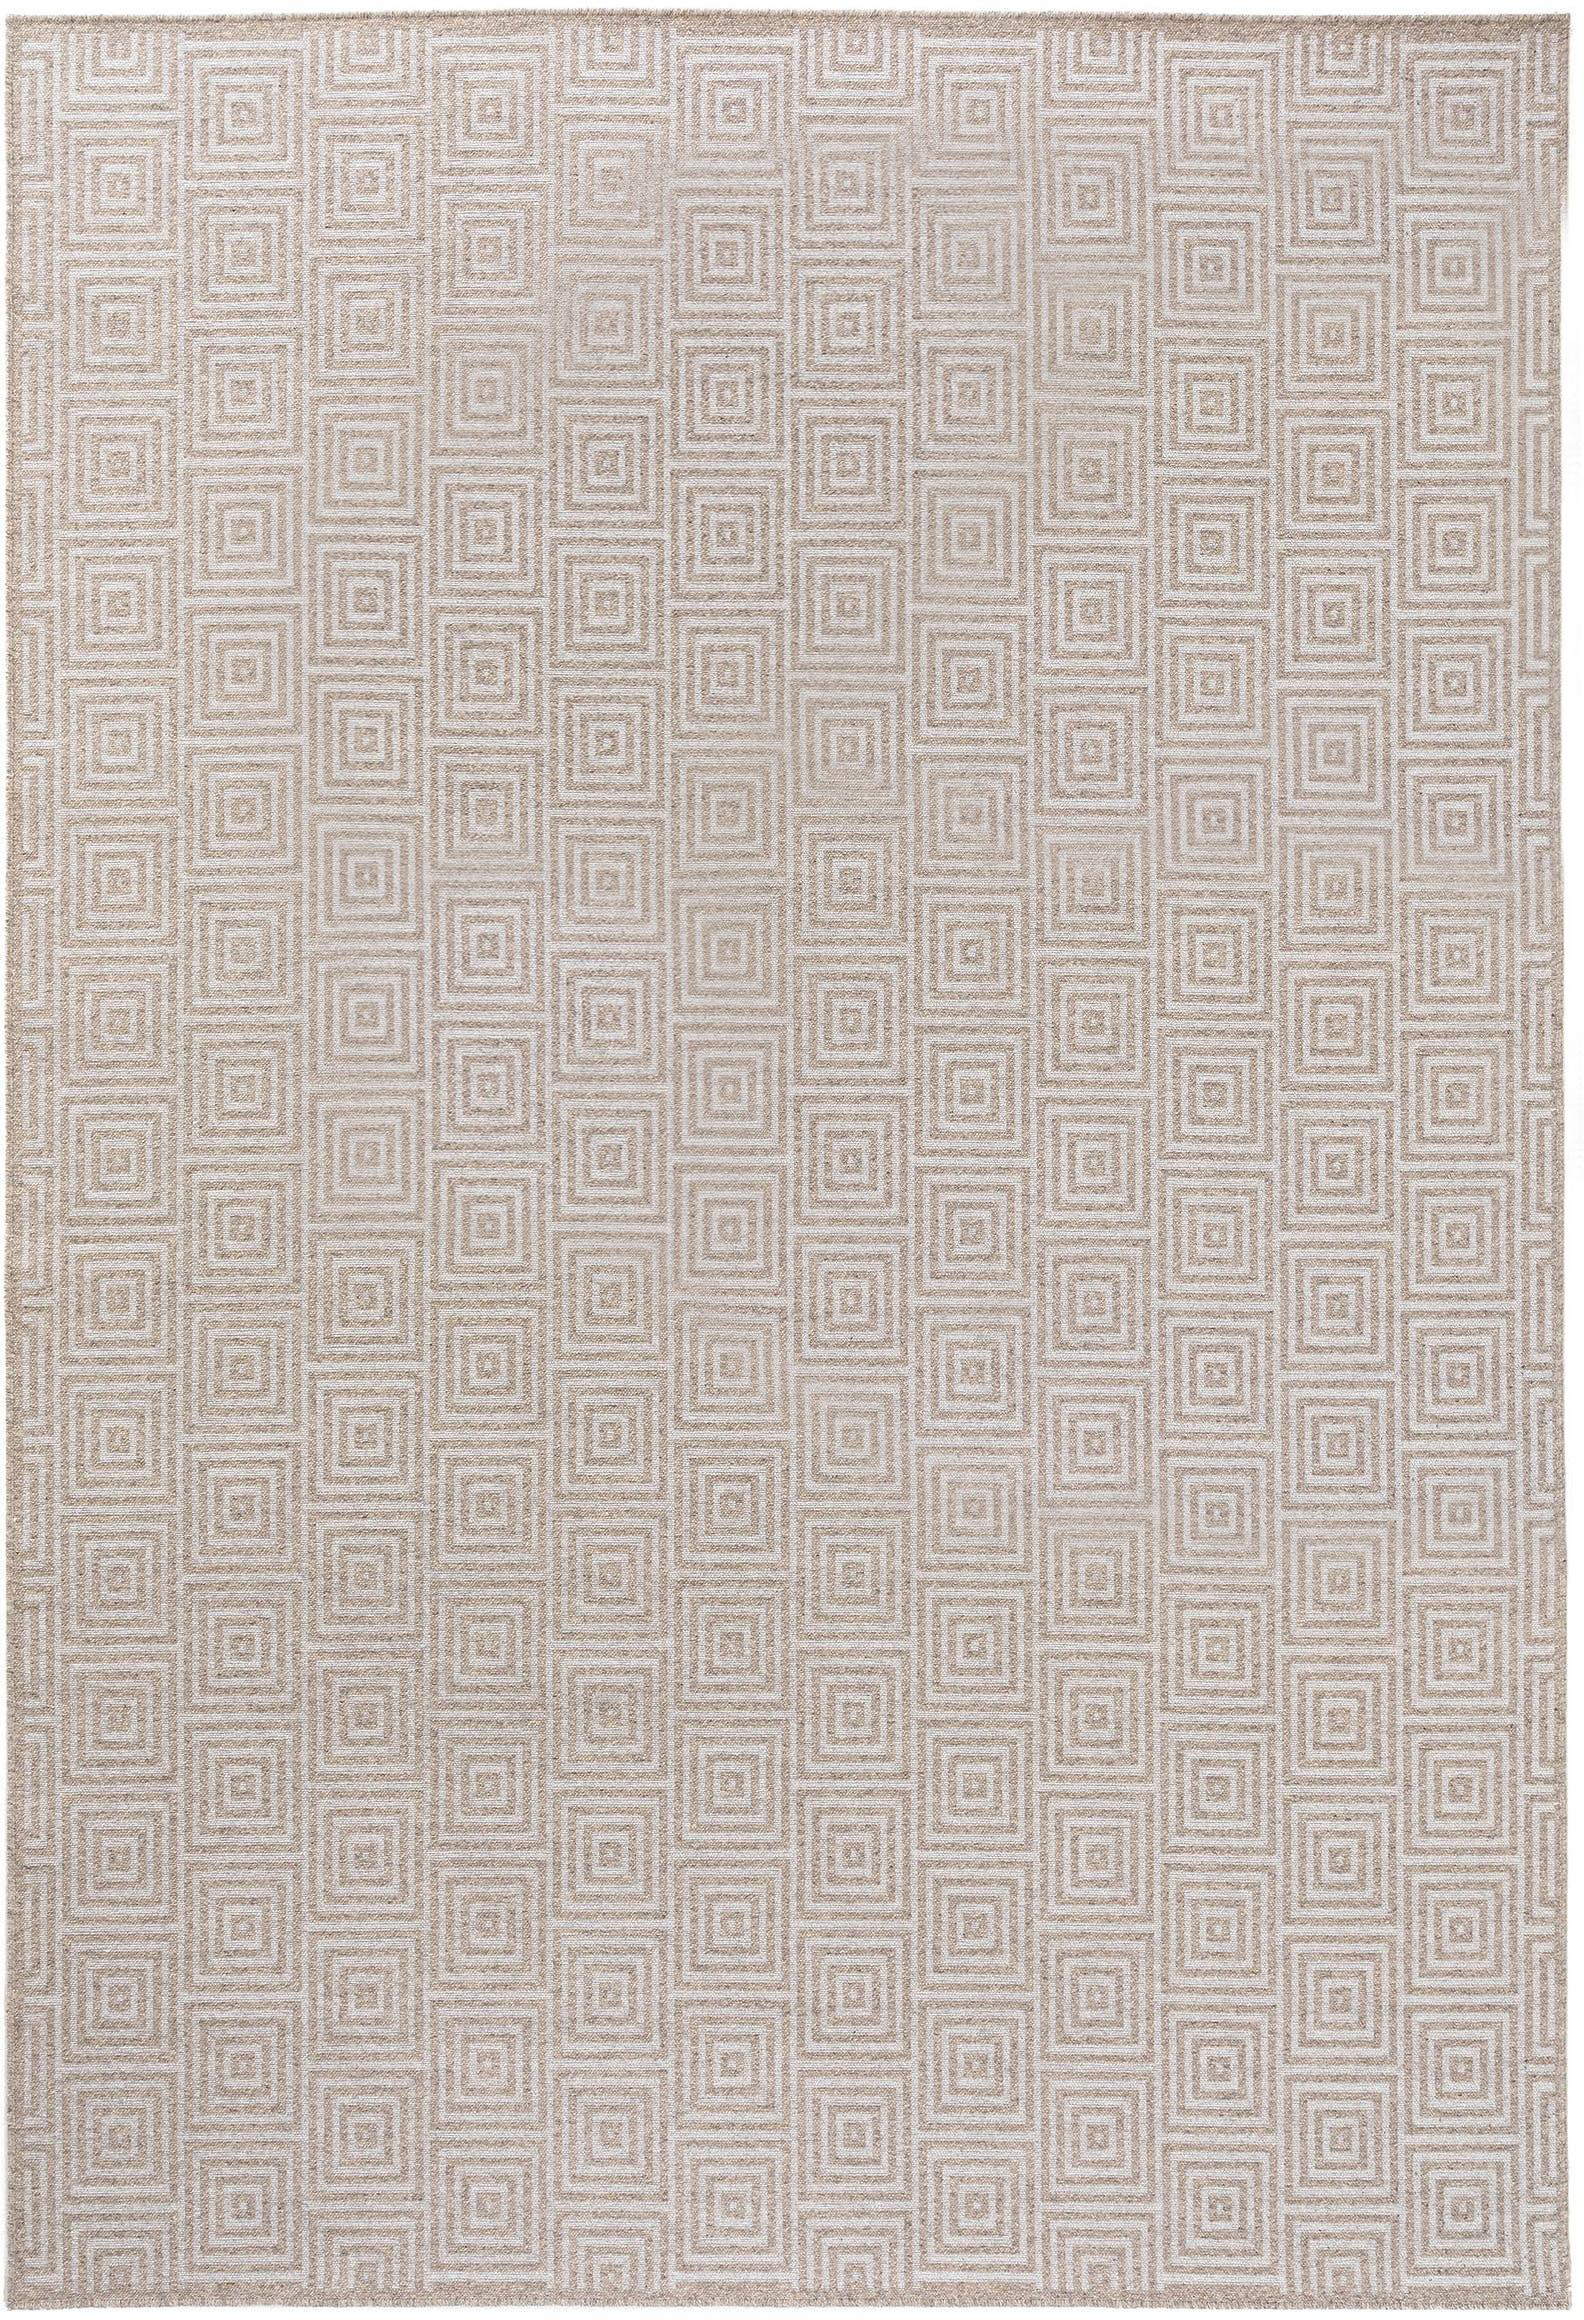 Wollteppich Jacob mit grafischem Muster, 70% Wolle, 30% Viskose, Hellgrau, Beige, B 120 x L 170 cm (Größe S)